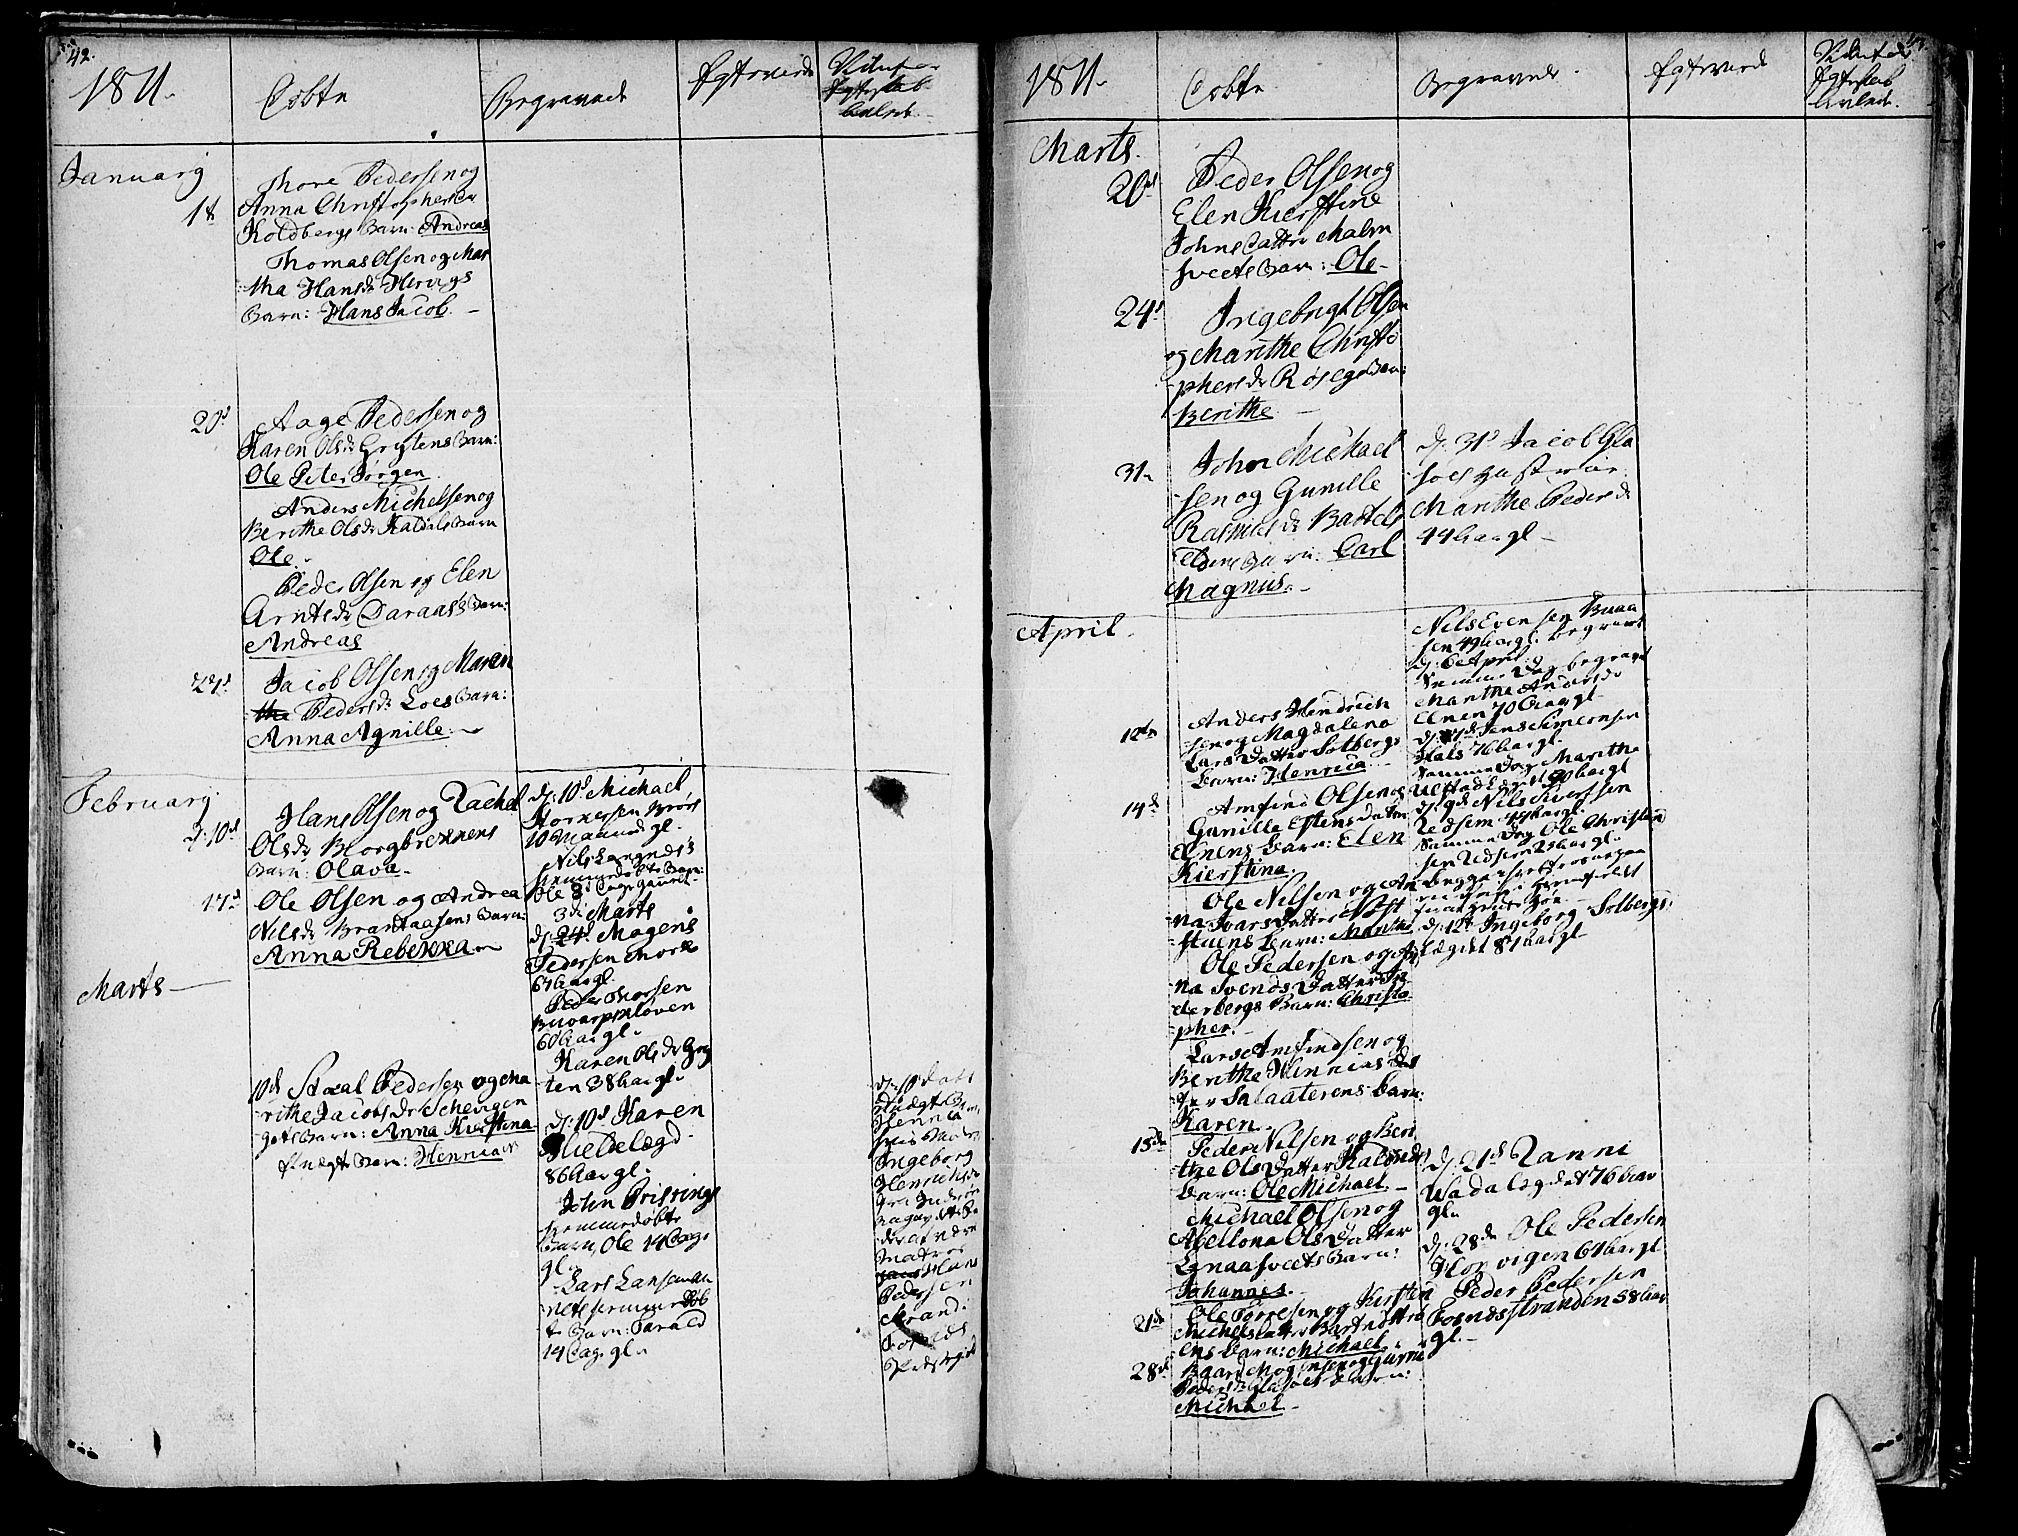 SAT, Ministerialprotokoller, klokkerbøker og fødselsregistre - Nord-Trøndelag, 741/L0386: Ministerialbok nr. 741A02, 1804-1816, s. 42-43